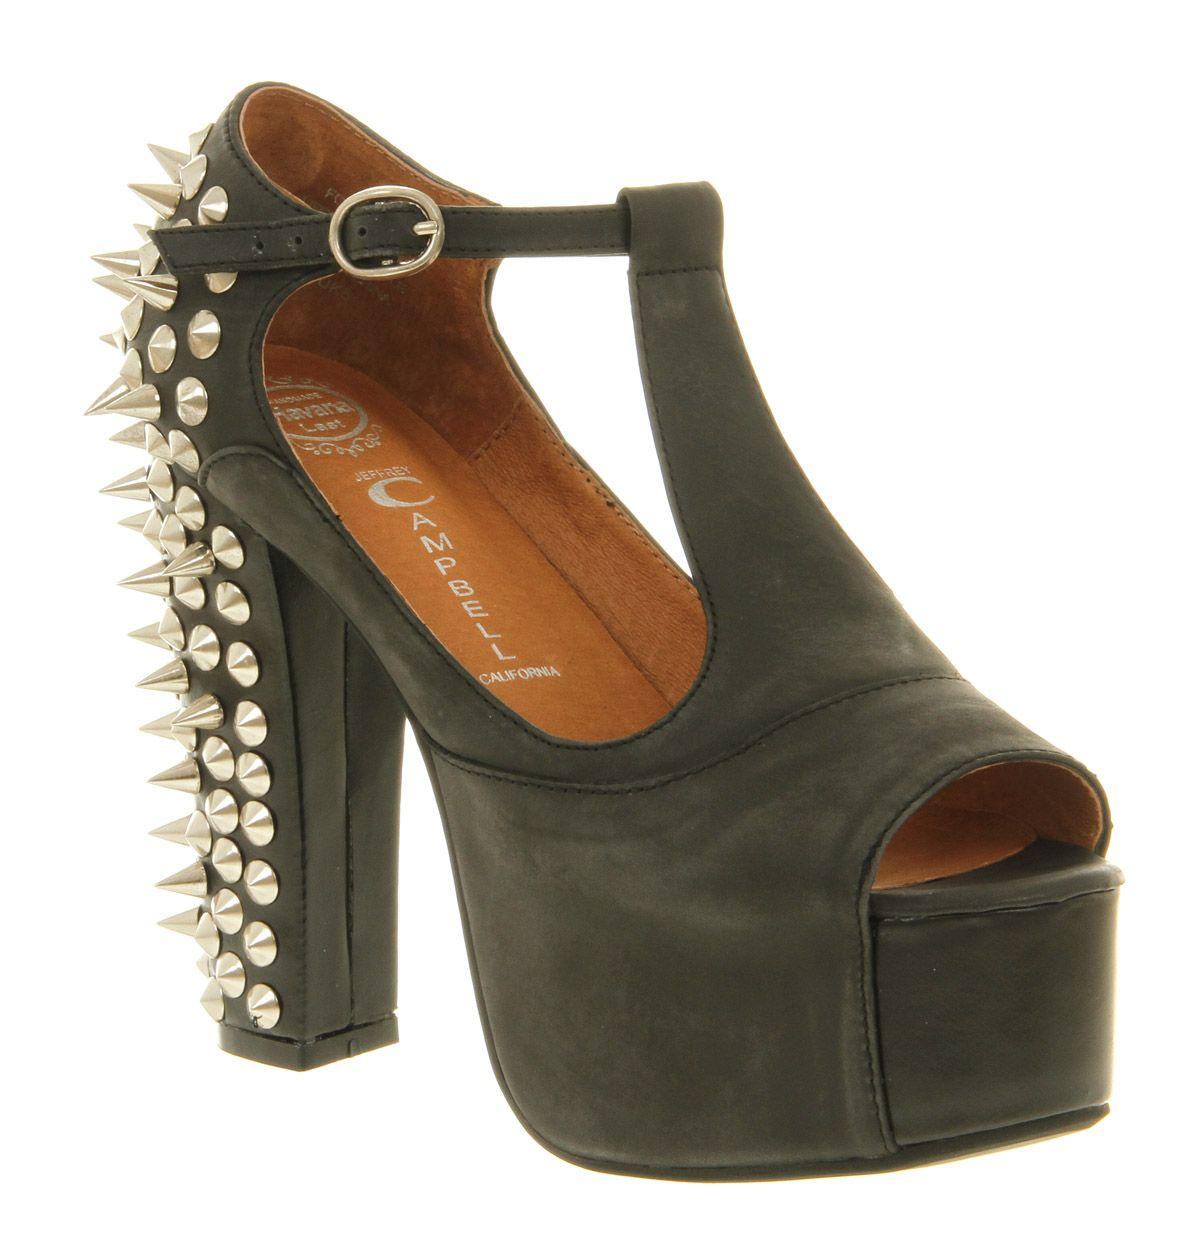 Foxy Metallic, Womens High Heels Jeffrey Campbell